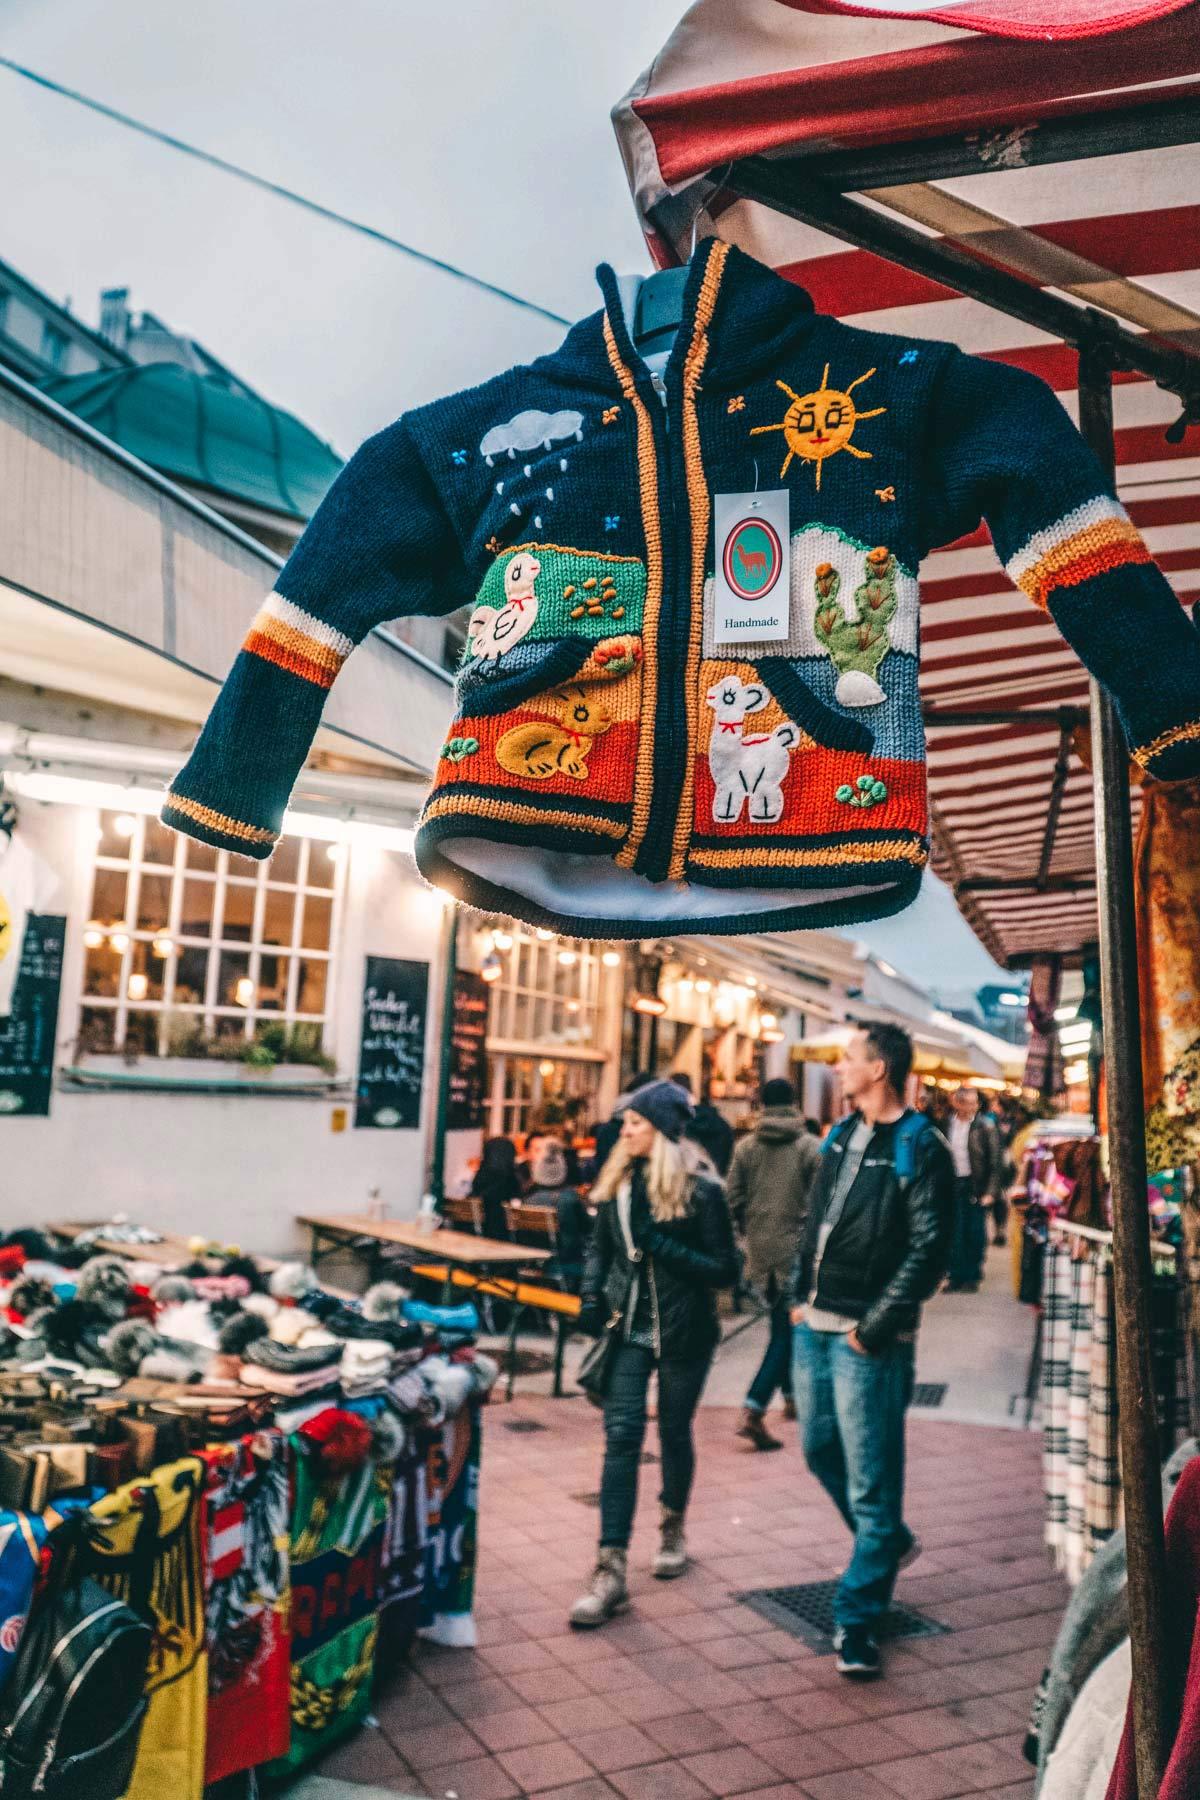 Flohmarkt Wien abends